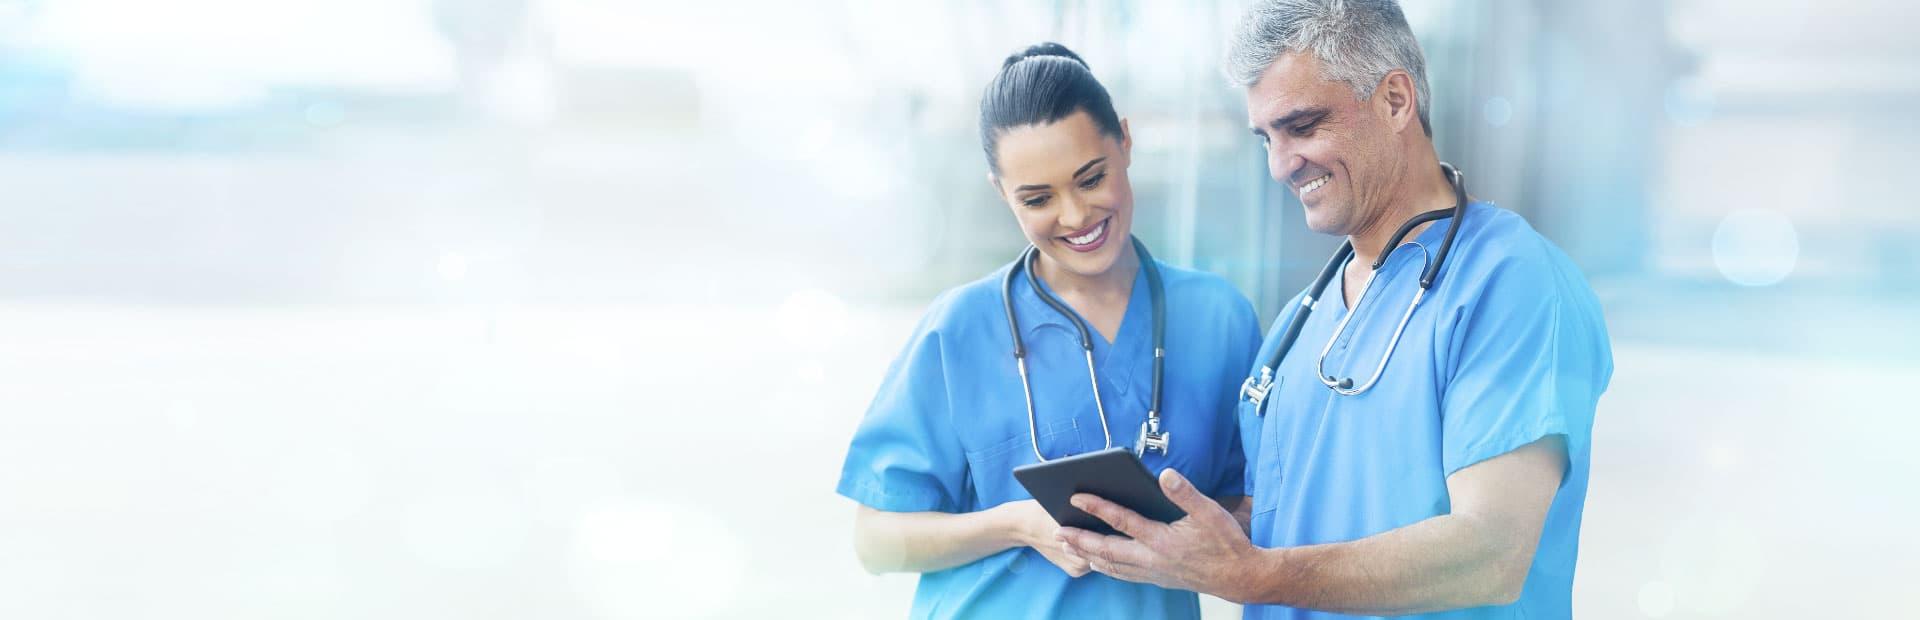 O sistema para clínicas mais completo e eficaz